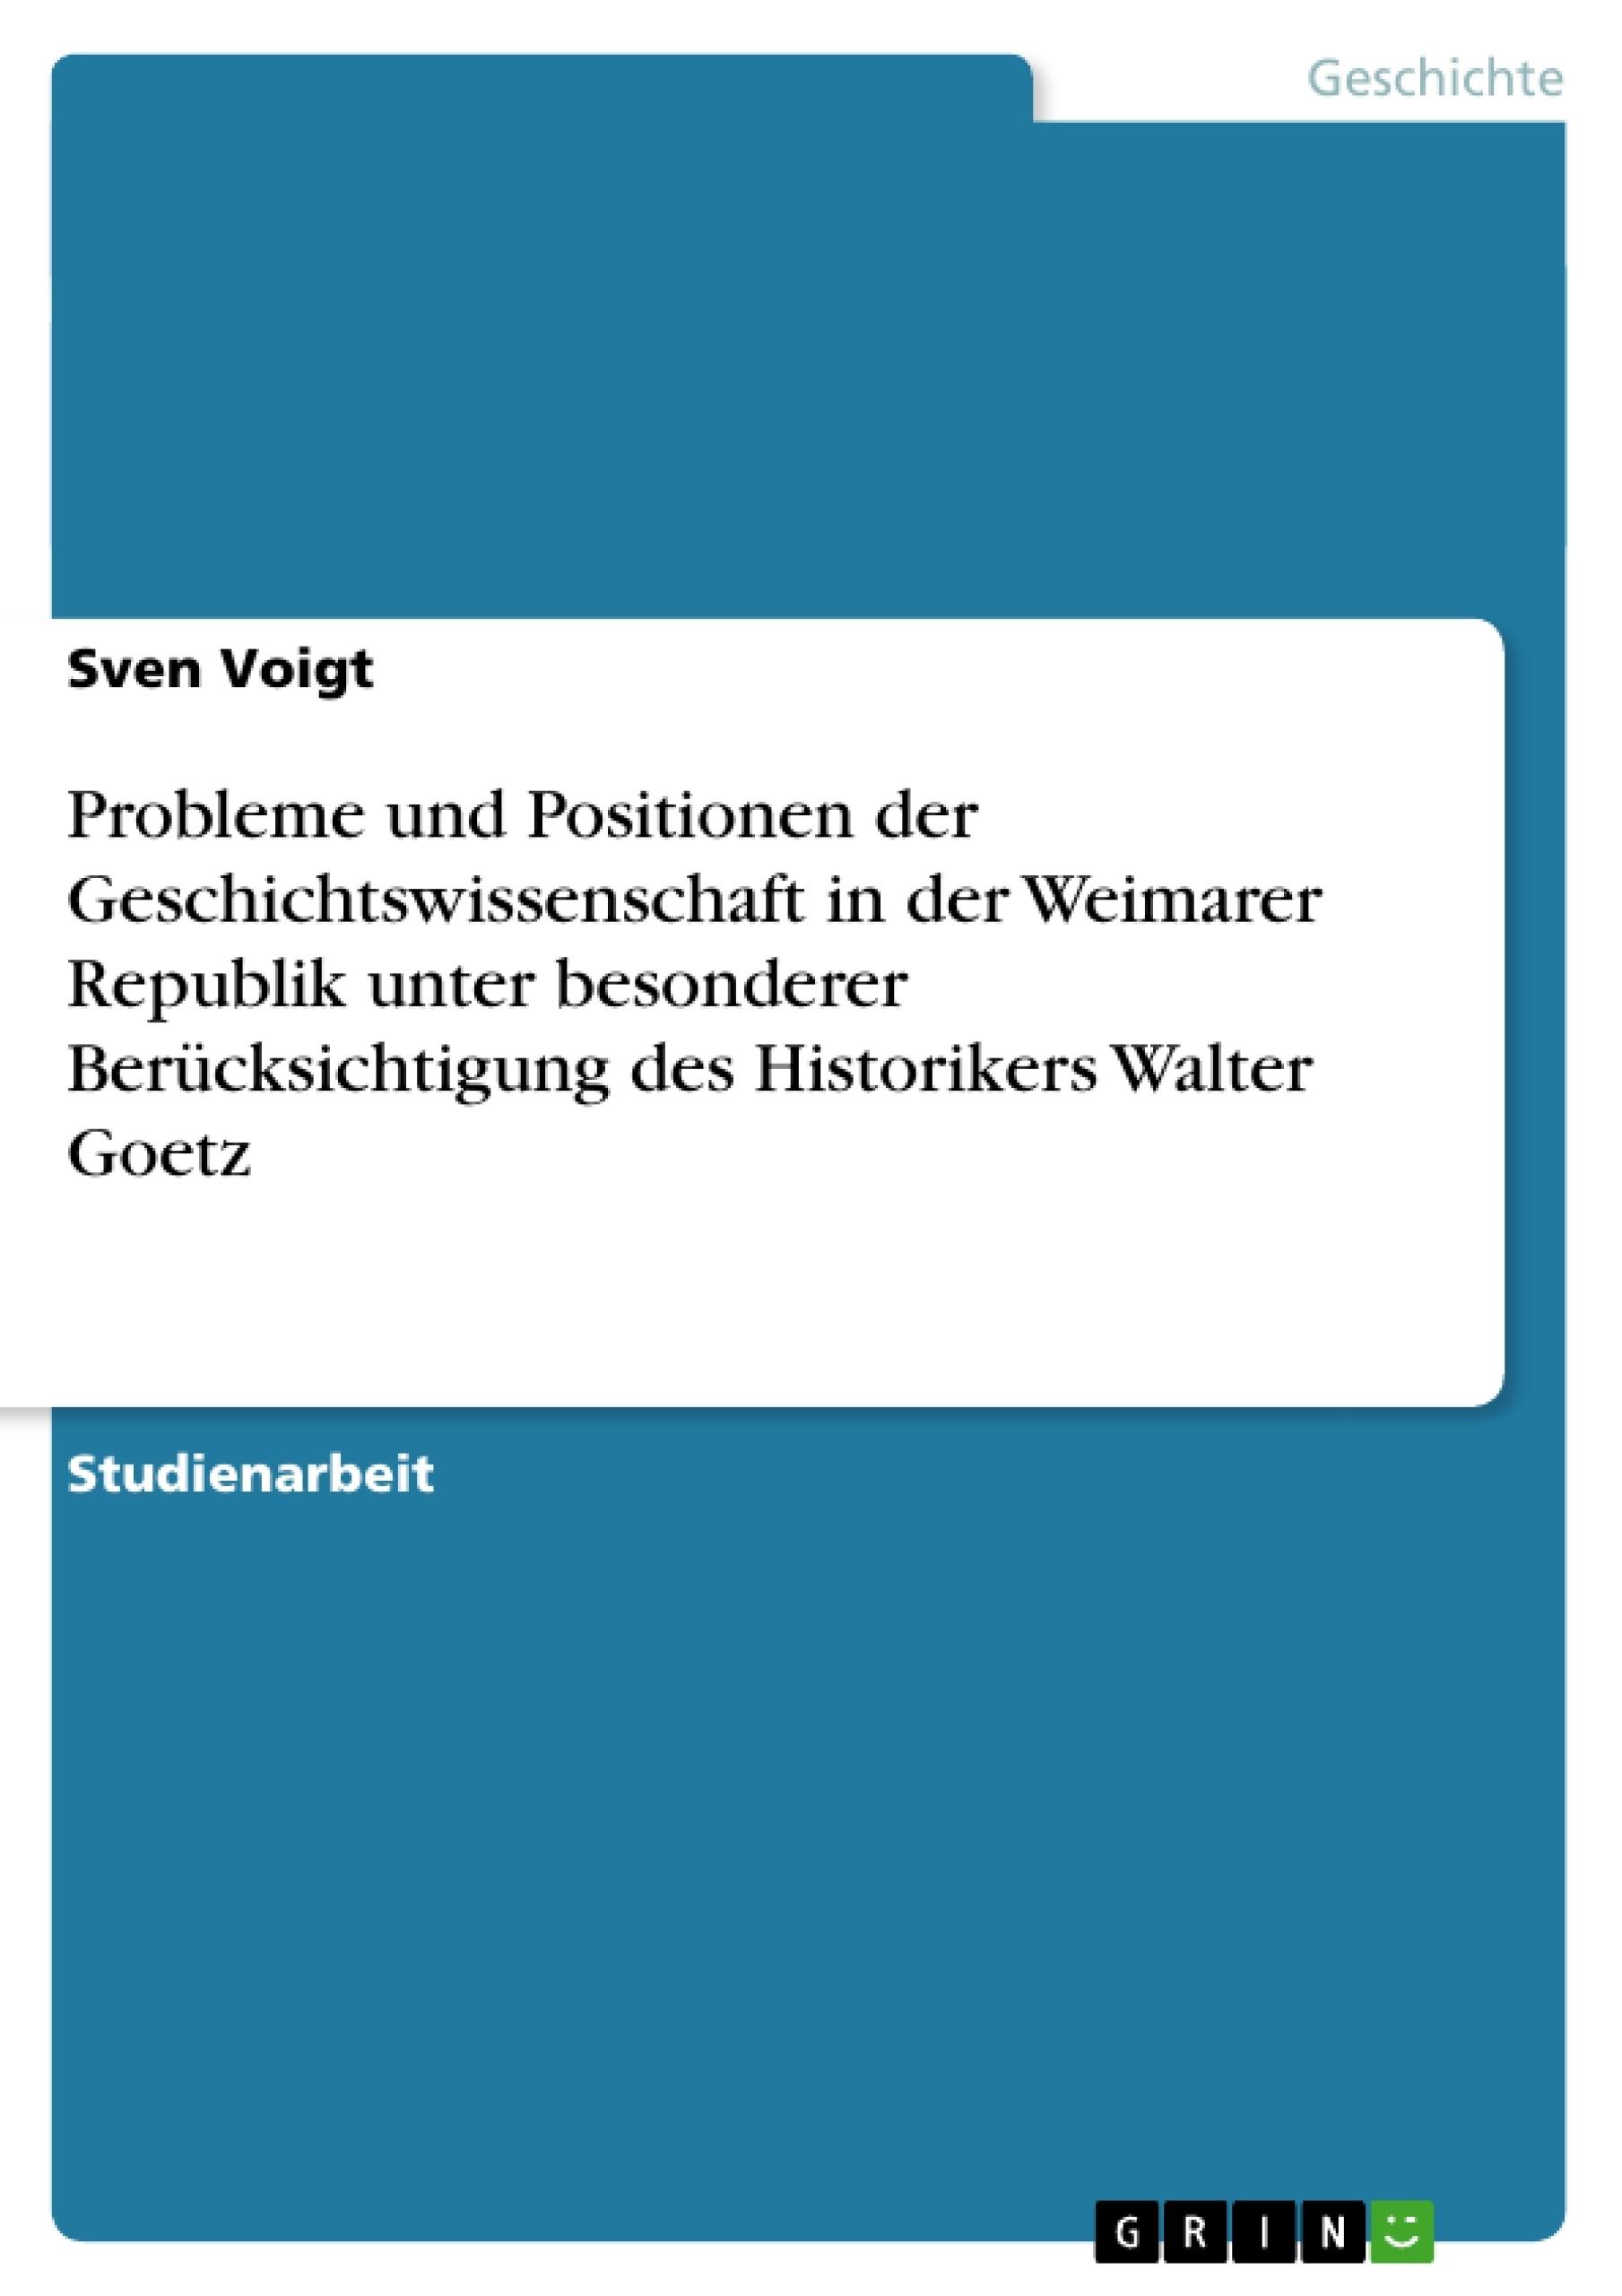 Titel: Probleme und Positionen der Geschichtswissenschaft in der Weimarer Republik unter besonderer Berücksichtigung des Historikers Walter Goetz